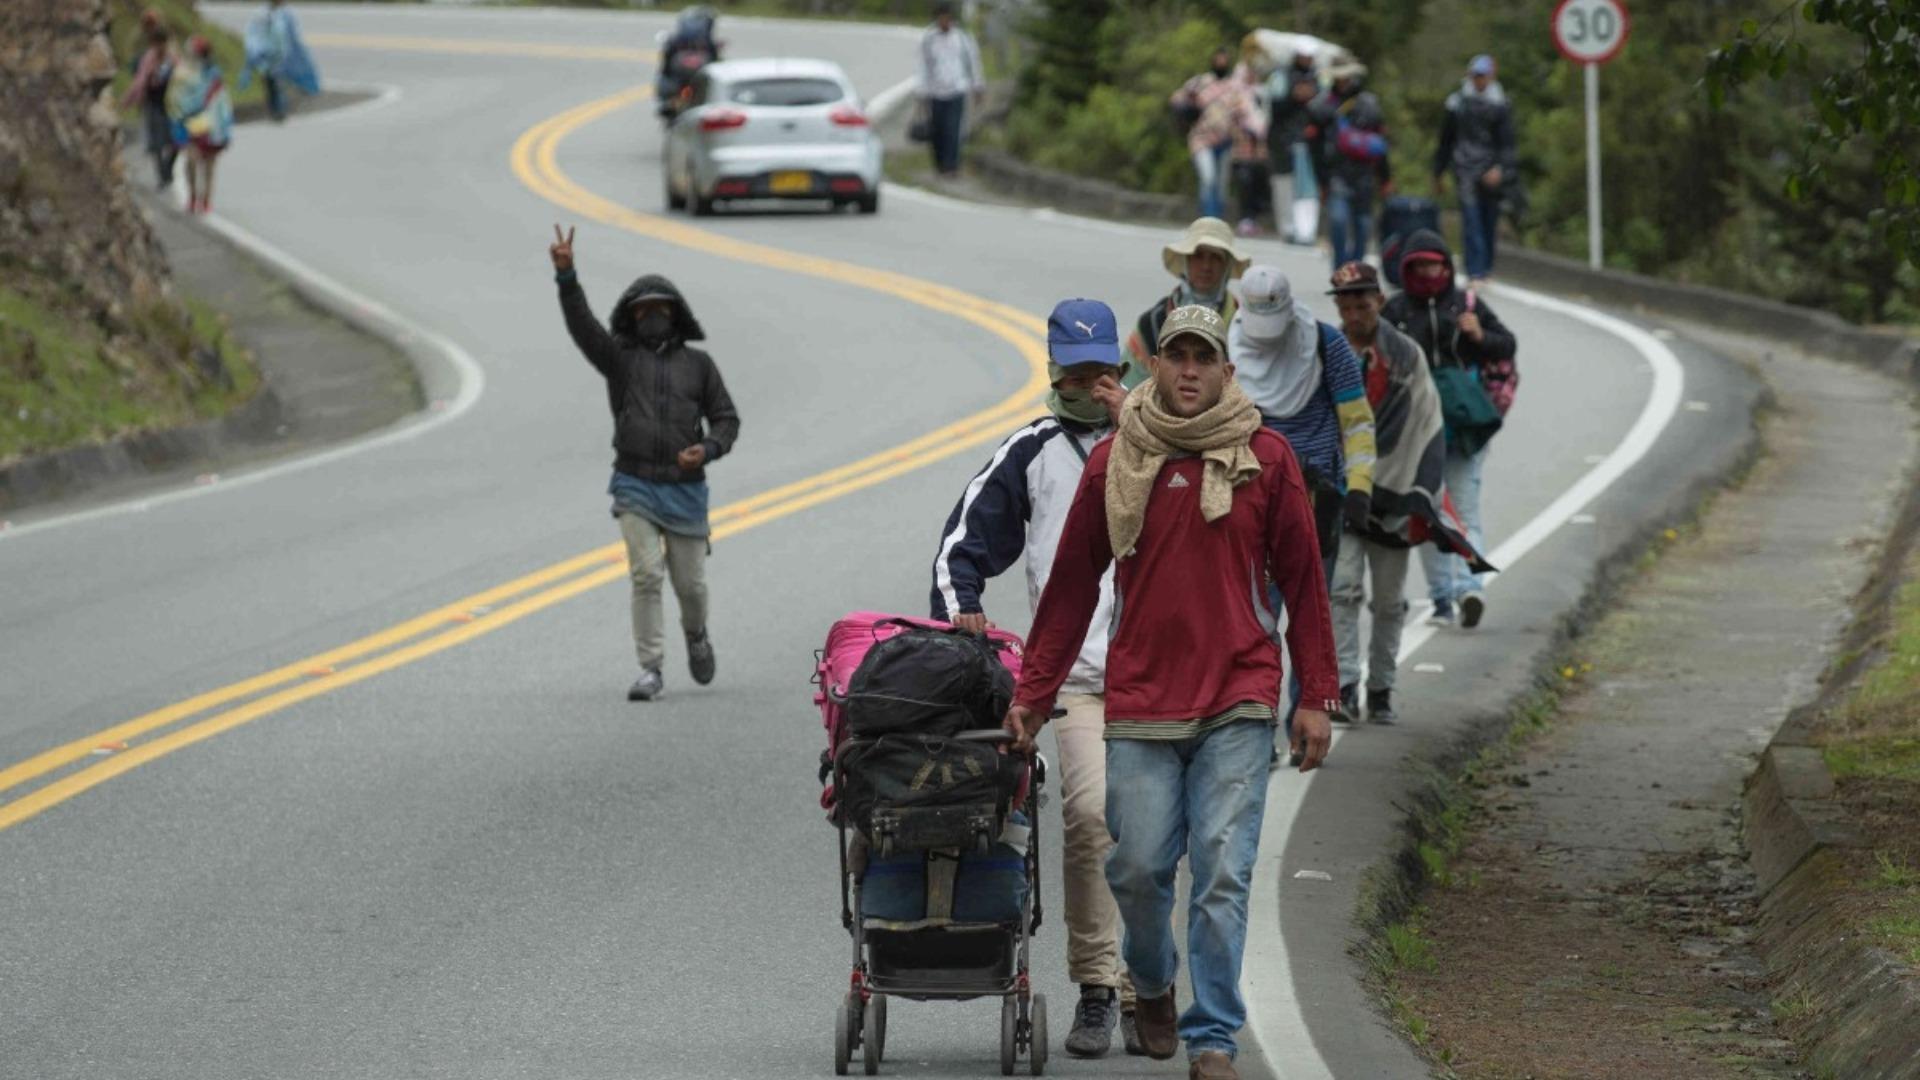 Acnur estima que en 2020 el número de refugiados venezolanos aumentará a 6,5 millones